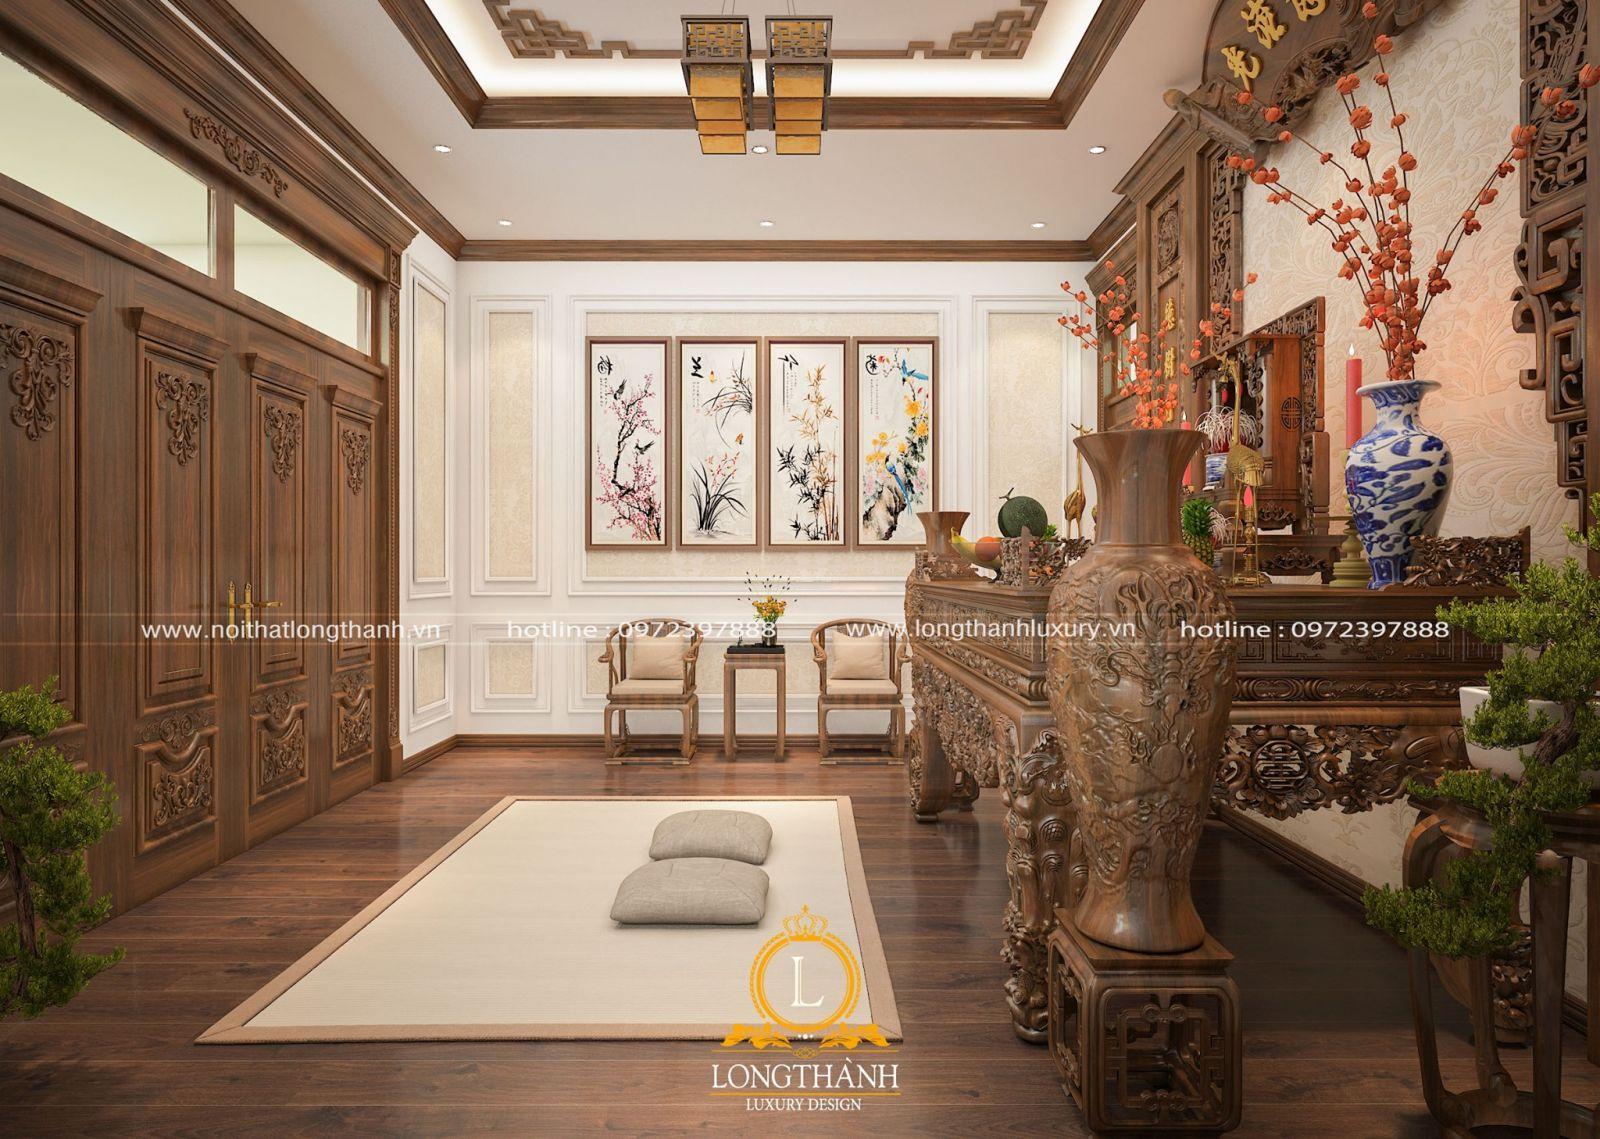 Thiết kế nội thất phòng thờ với bố cục tranh treo phong thủy